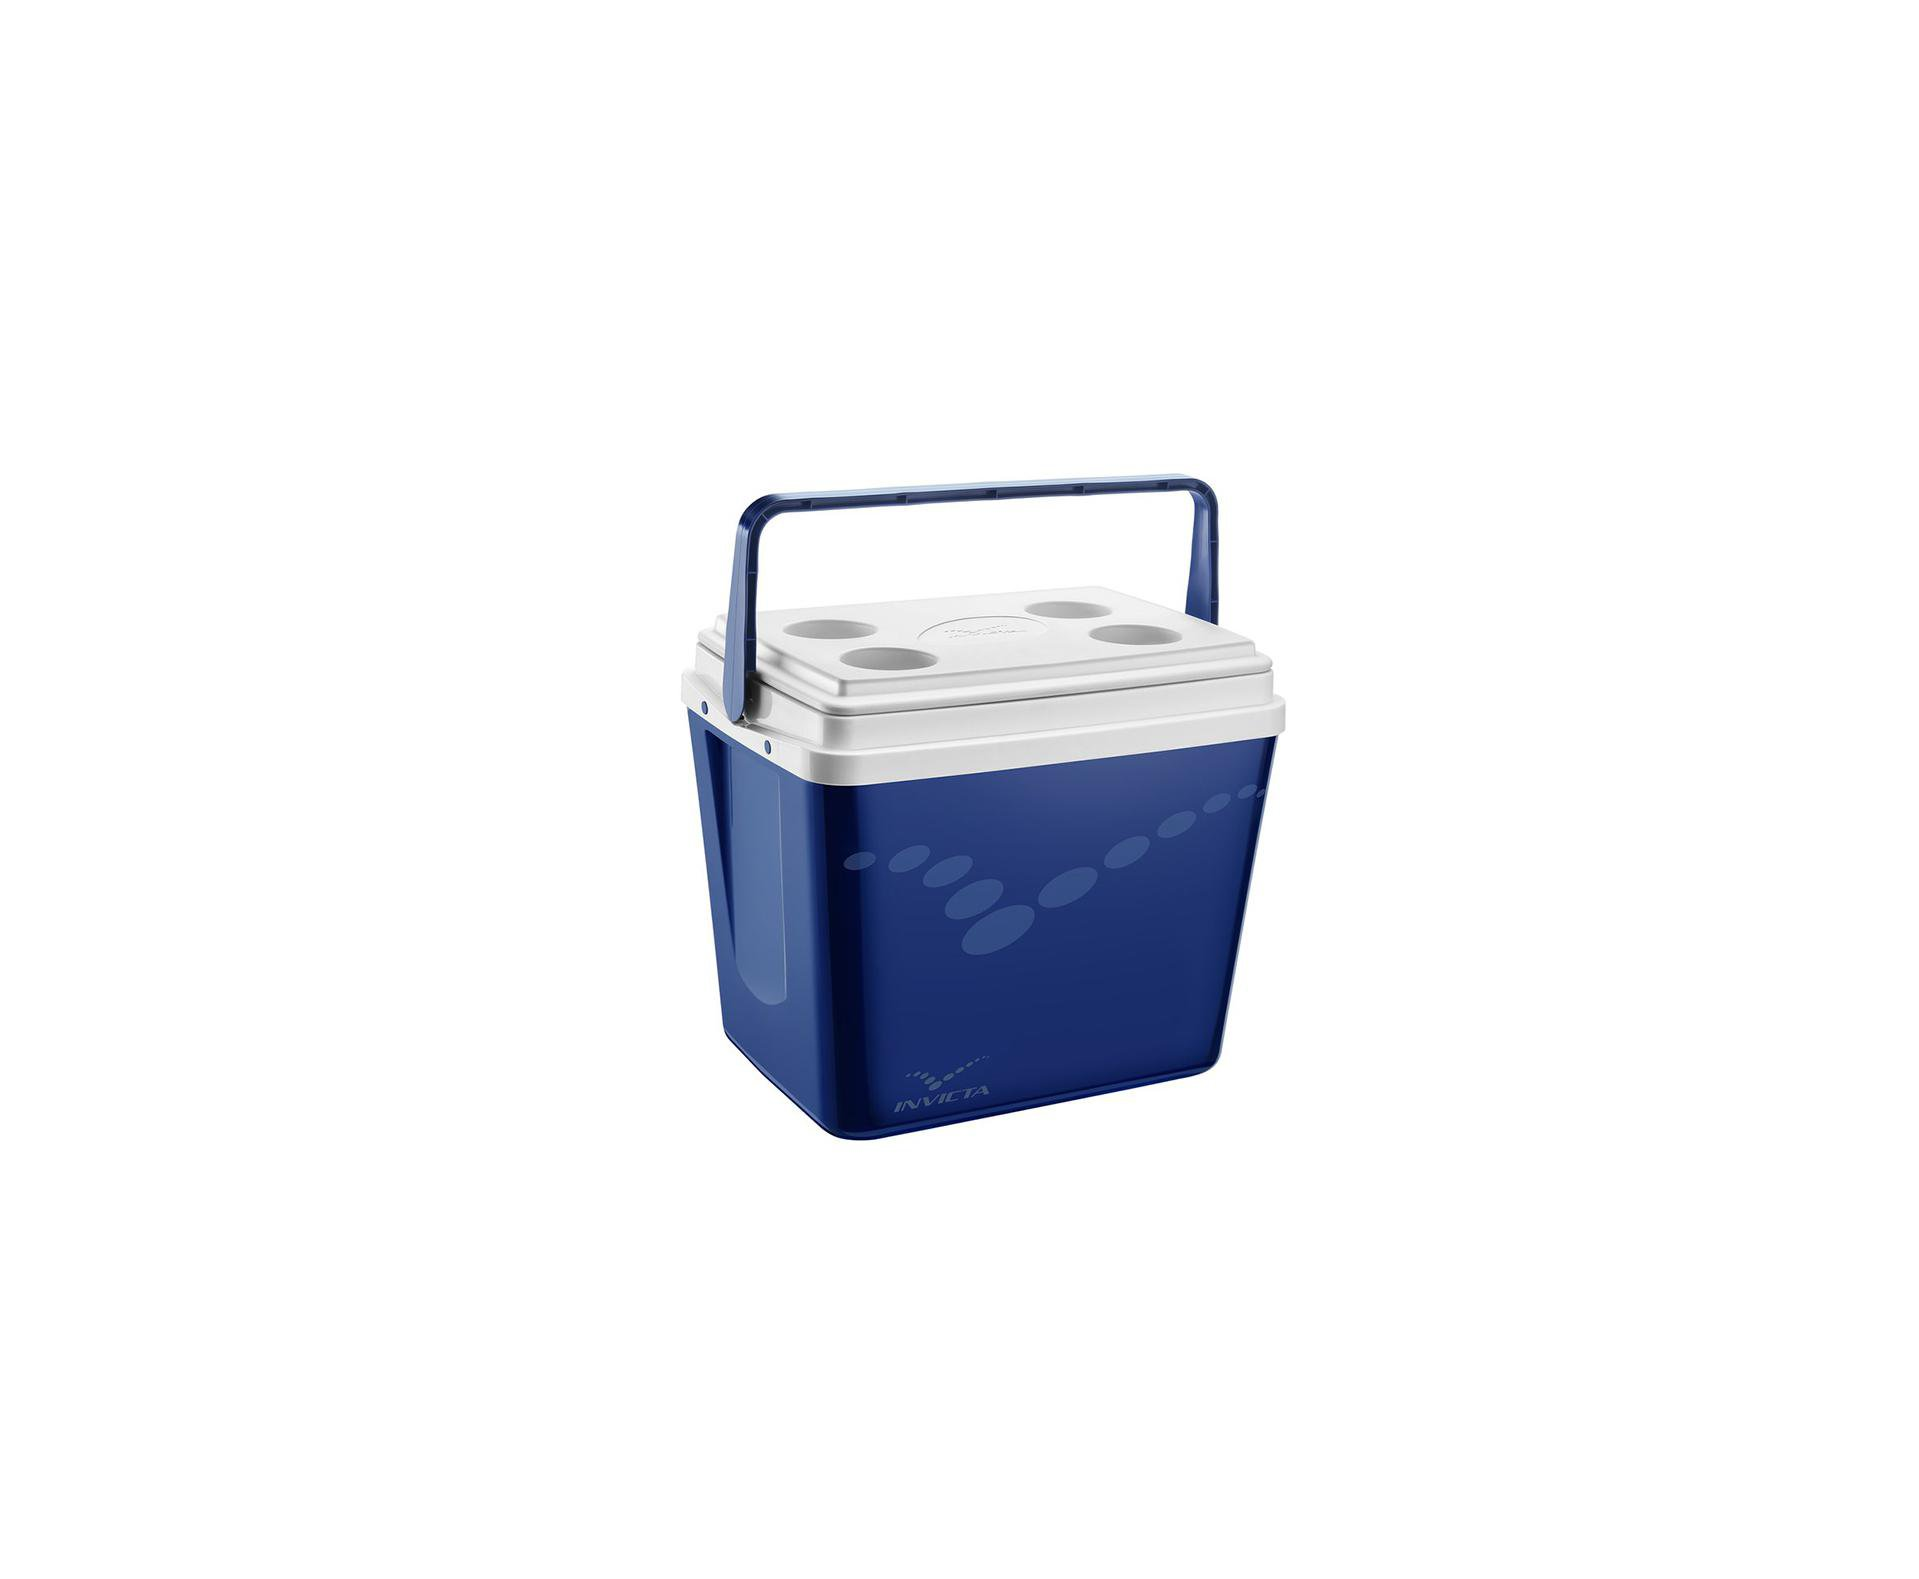 Caixa Termica Invicta 34 Litros Azul Com Alça